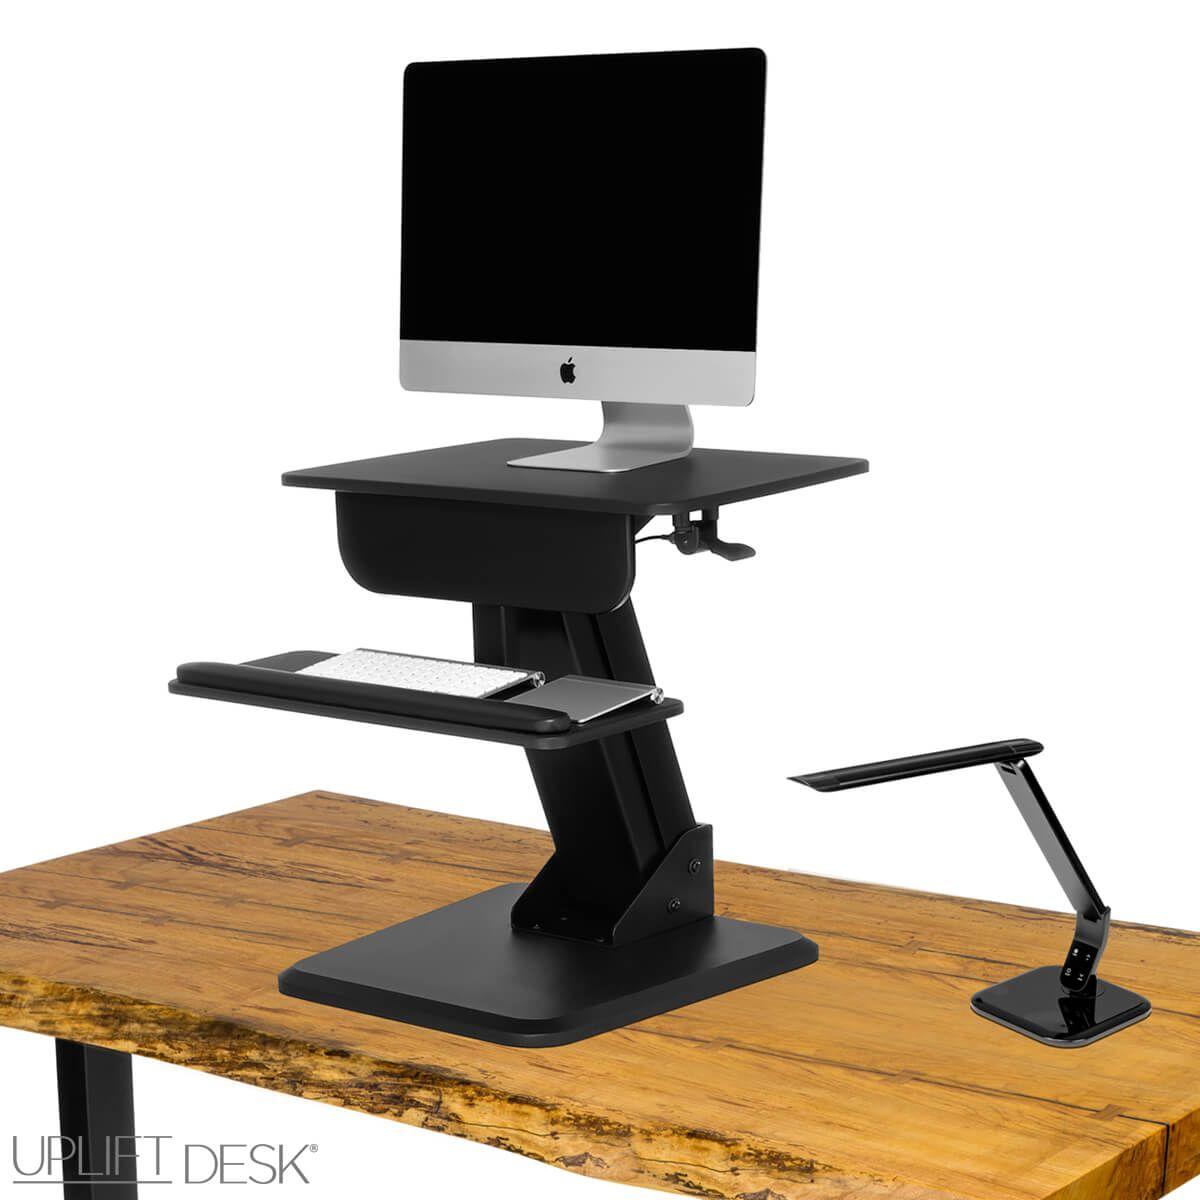 UPLIFT Height Adjustable Standing Desk Converter GRINDS